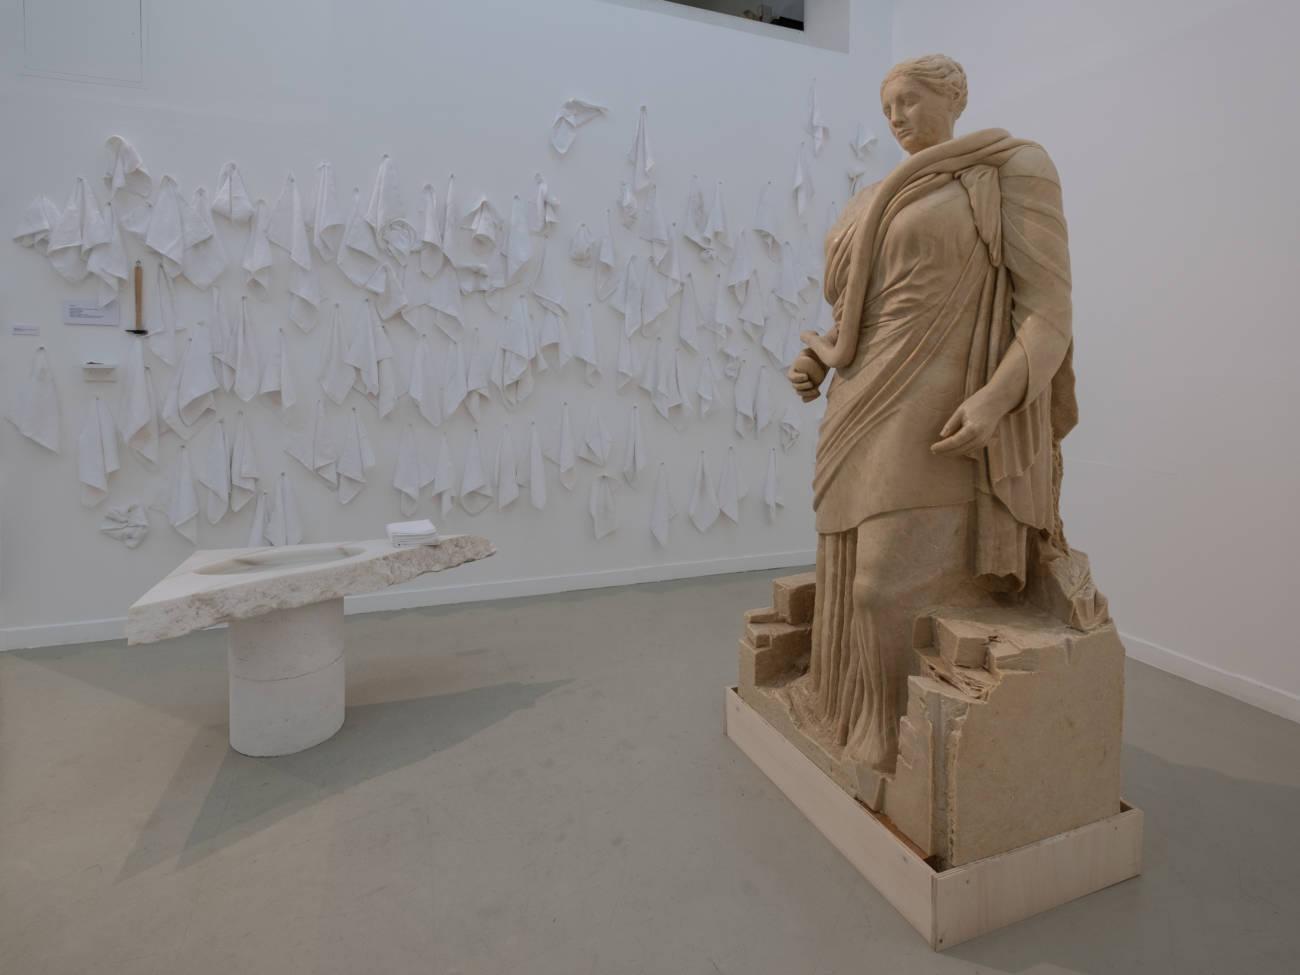 Œuvre de Frédérique Nalbandian, exposition